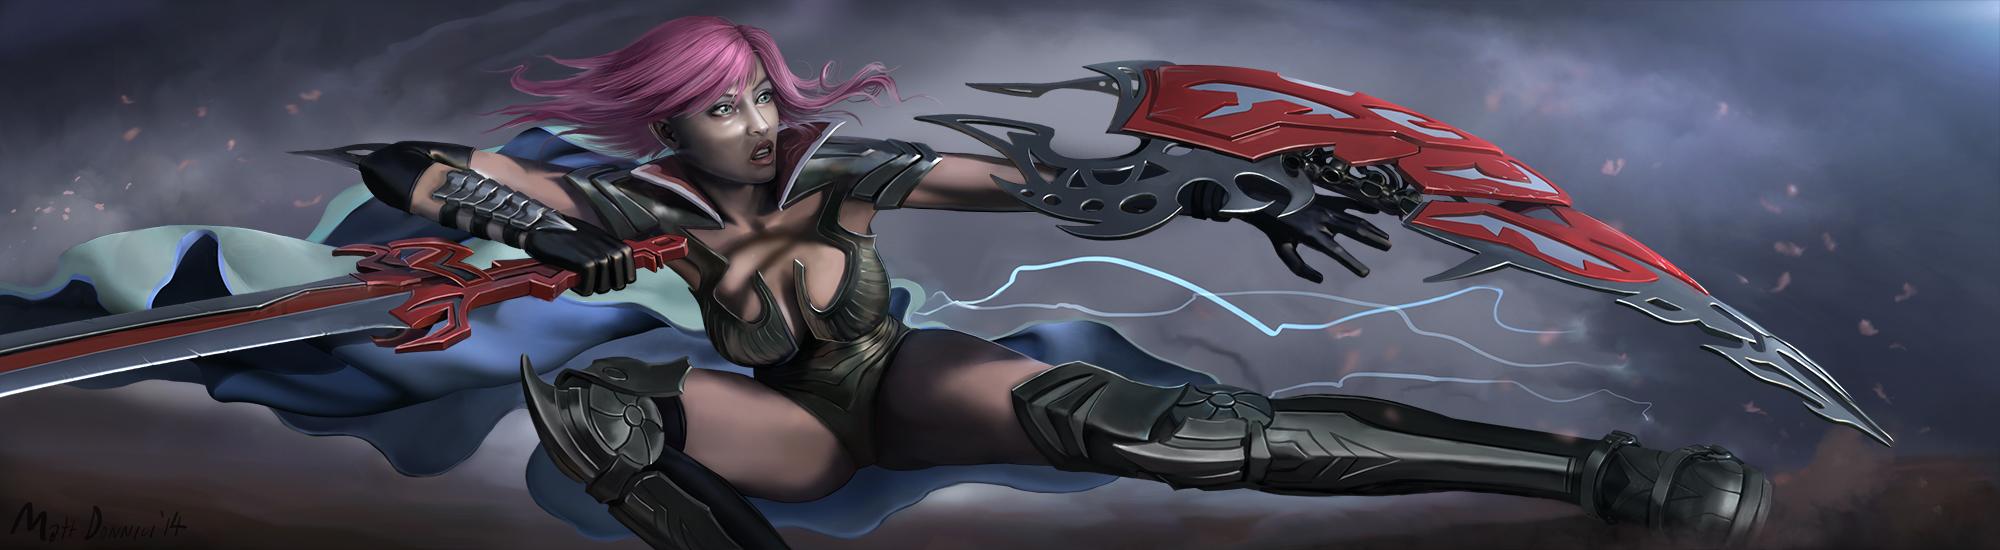 Lightning R7 by mattdonnici